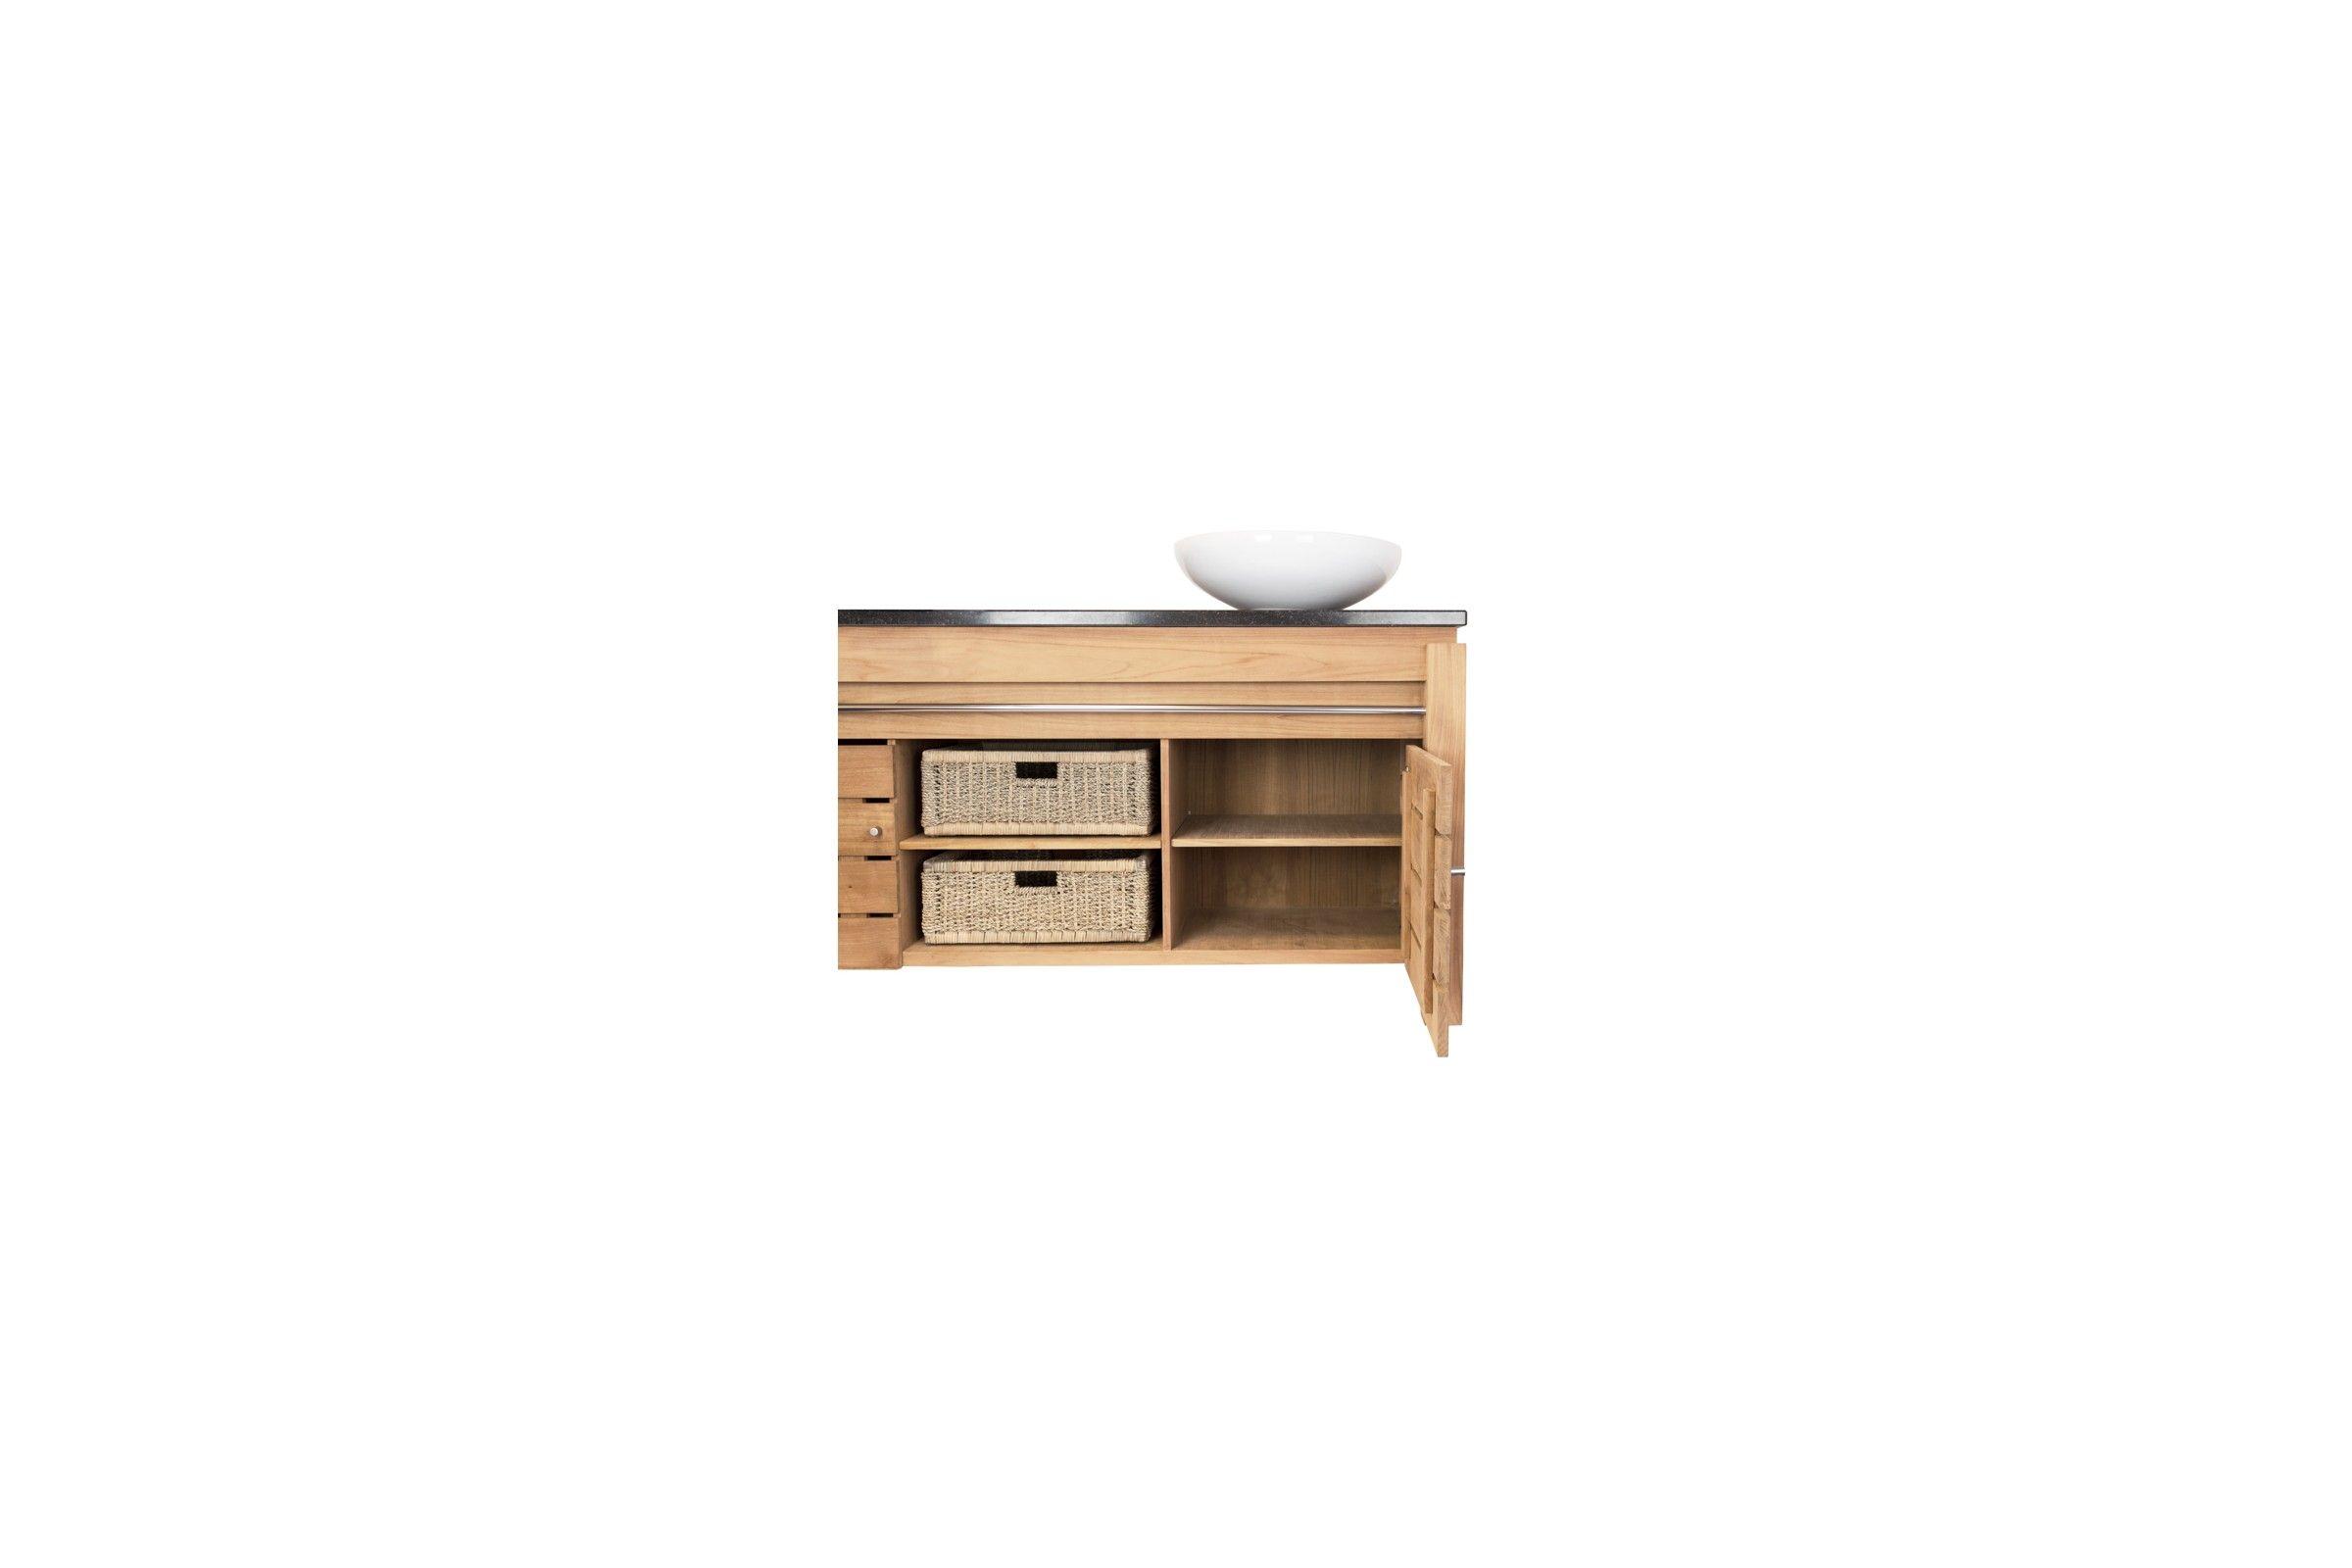 meuble sdb en teck massif 165 cm plan de toilette pierre ou bois. Black Bedroom Furniture Sets. Home Design Ideas